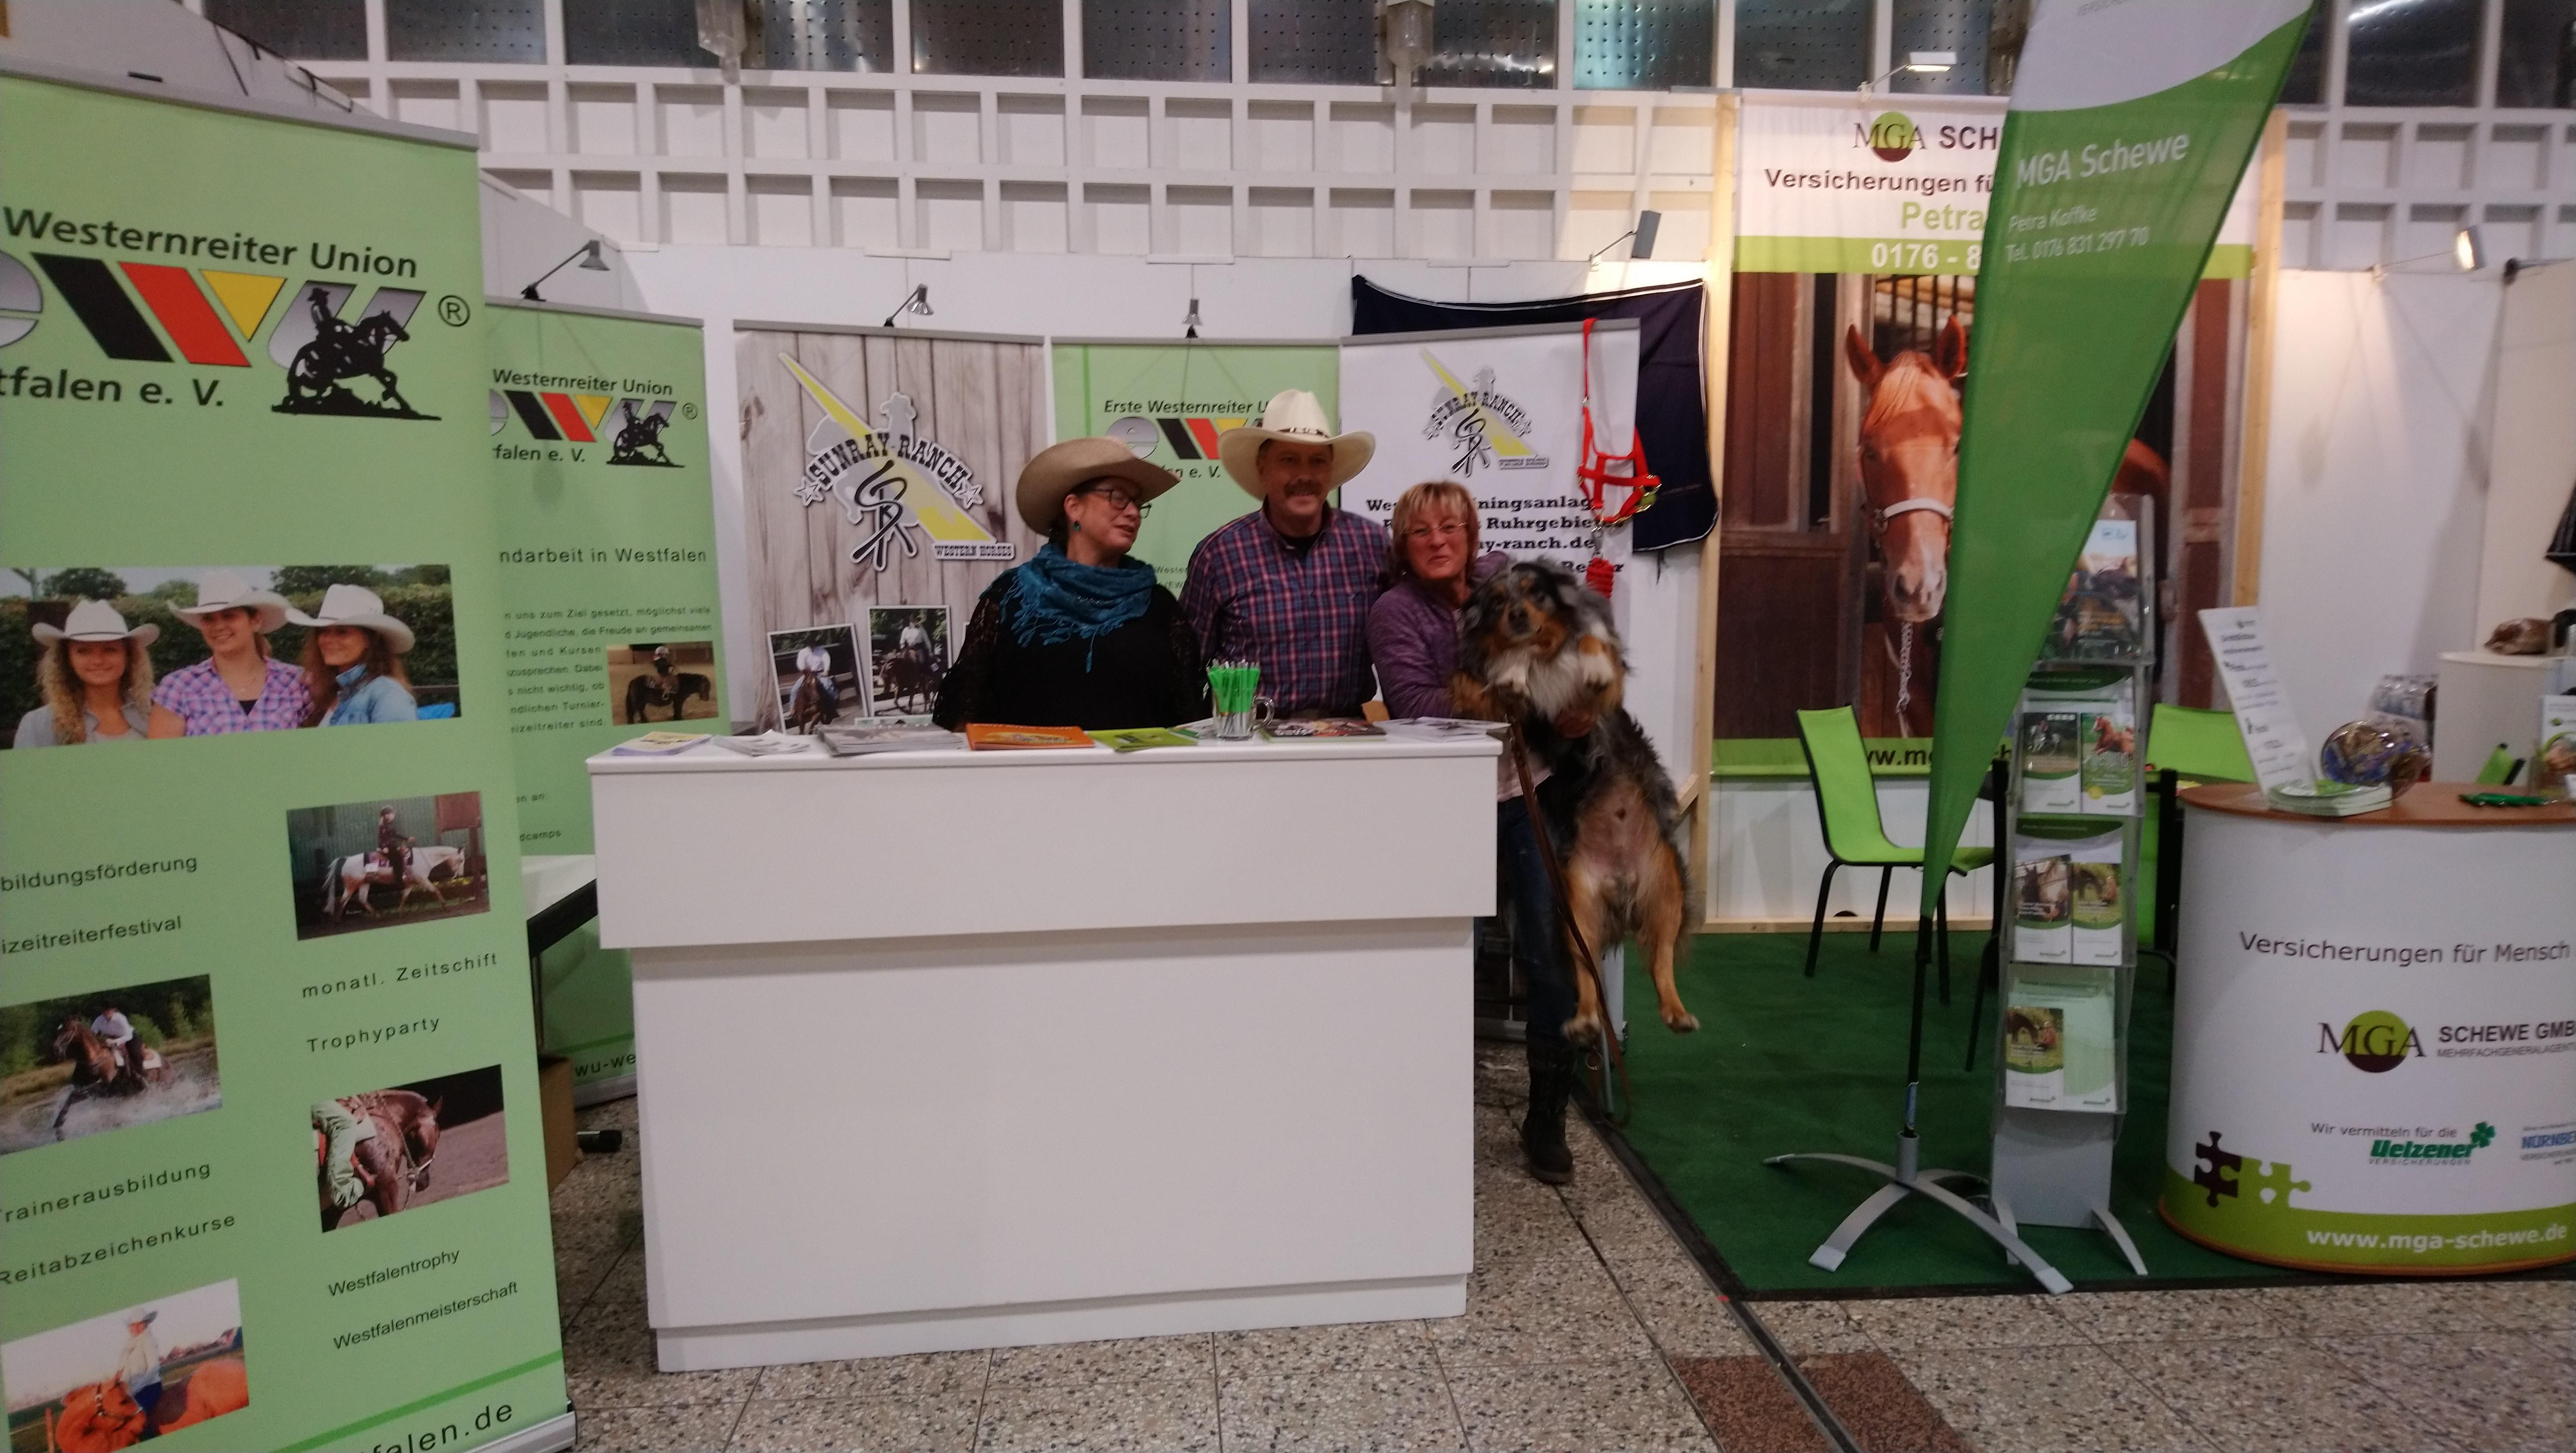 Messe Hund & Pferd in Dortmund 2018 – Wir freuen uns auf Euch!